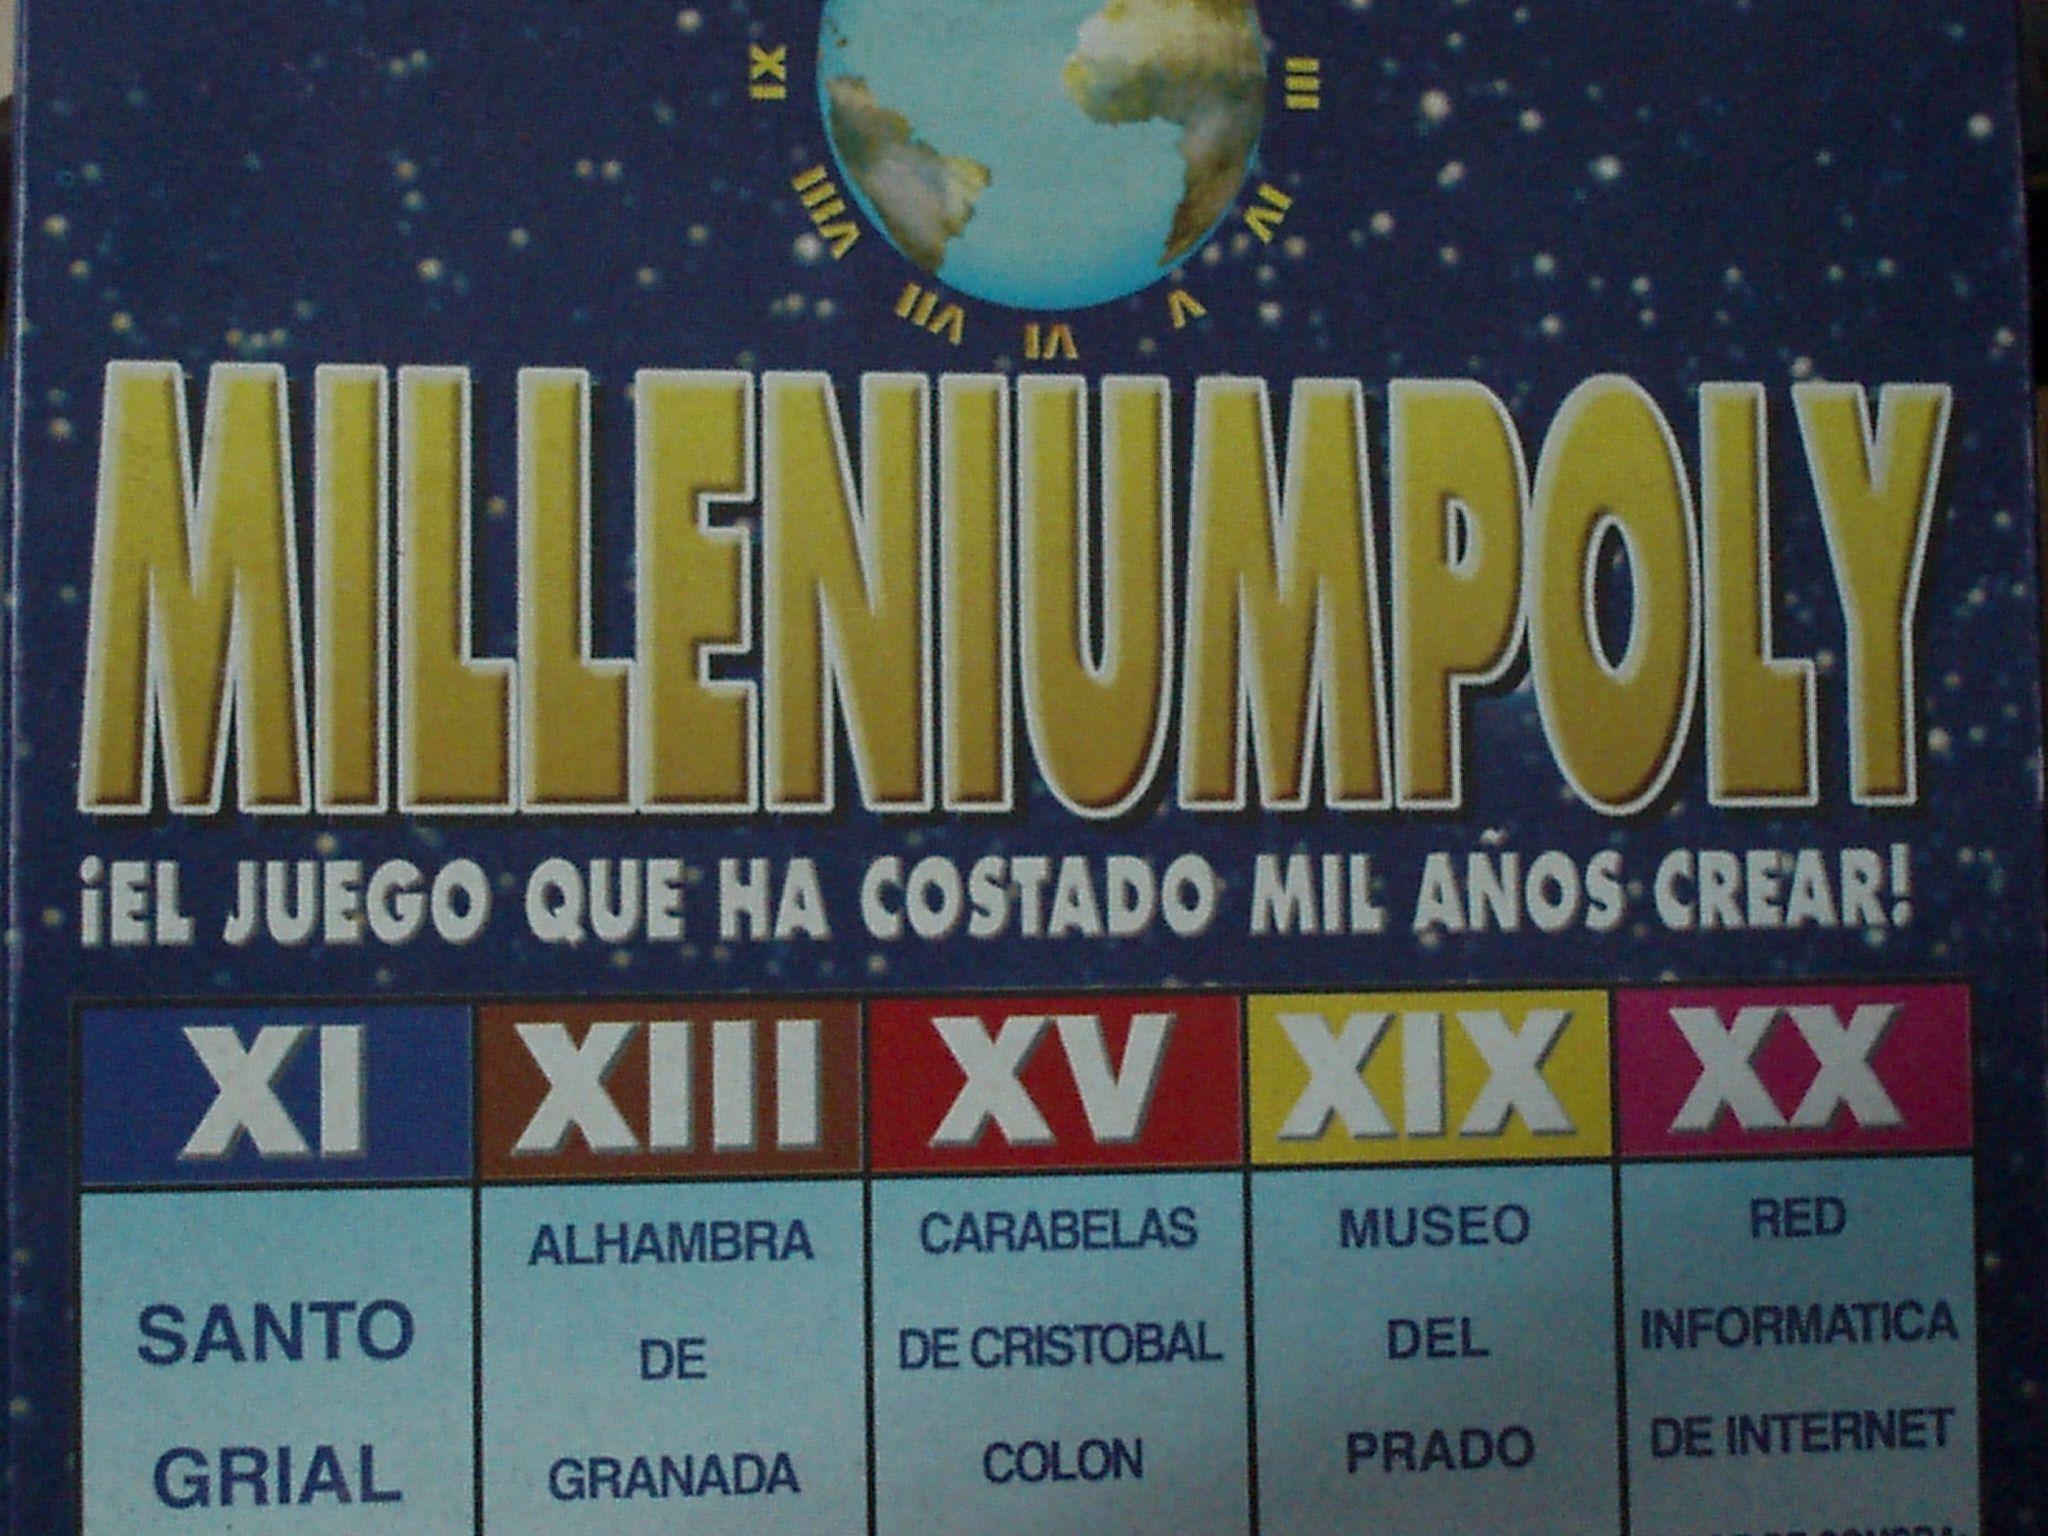 Milleniumpoly